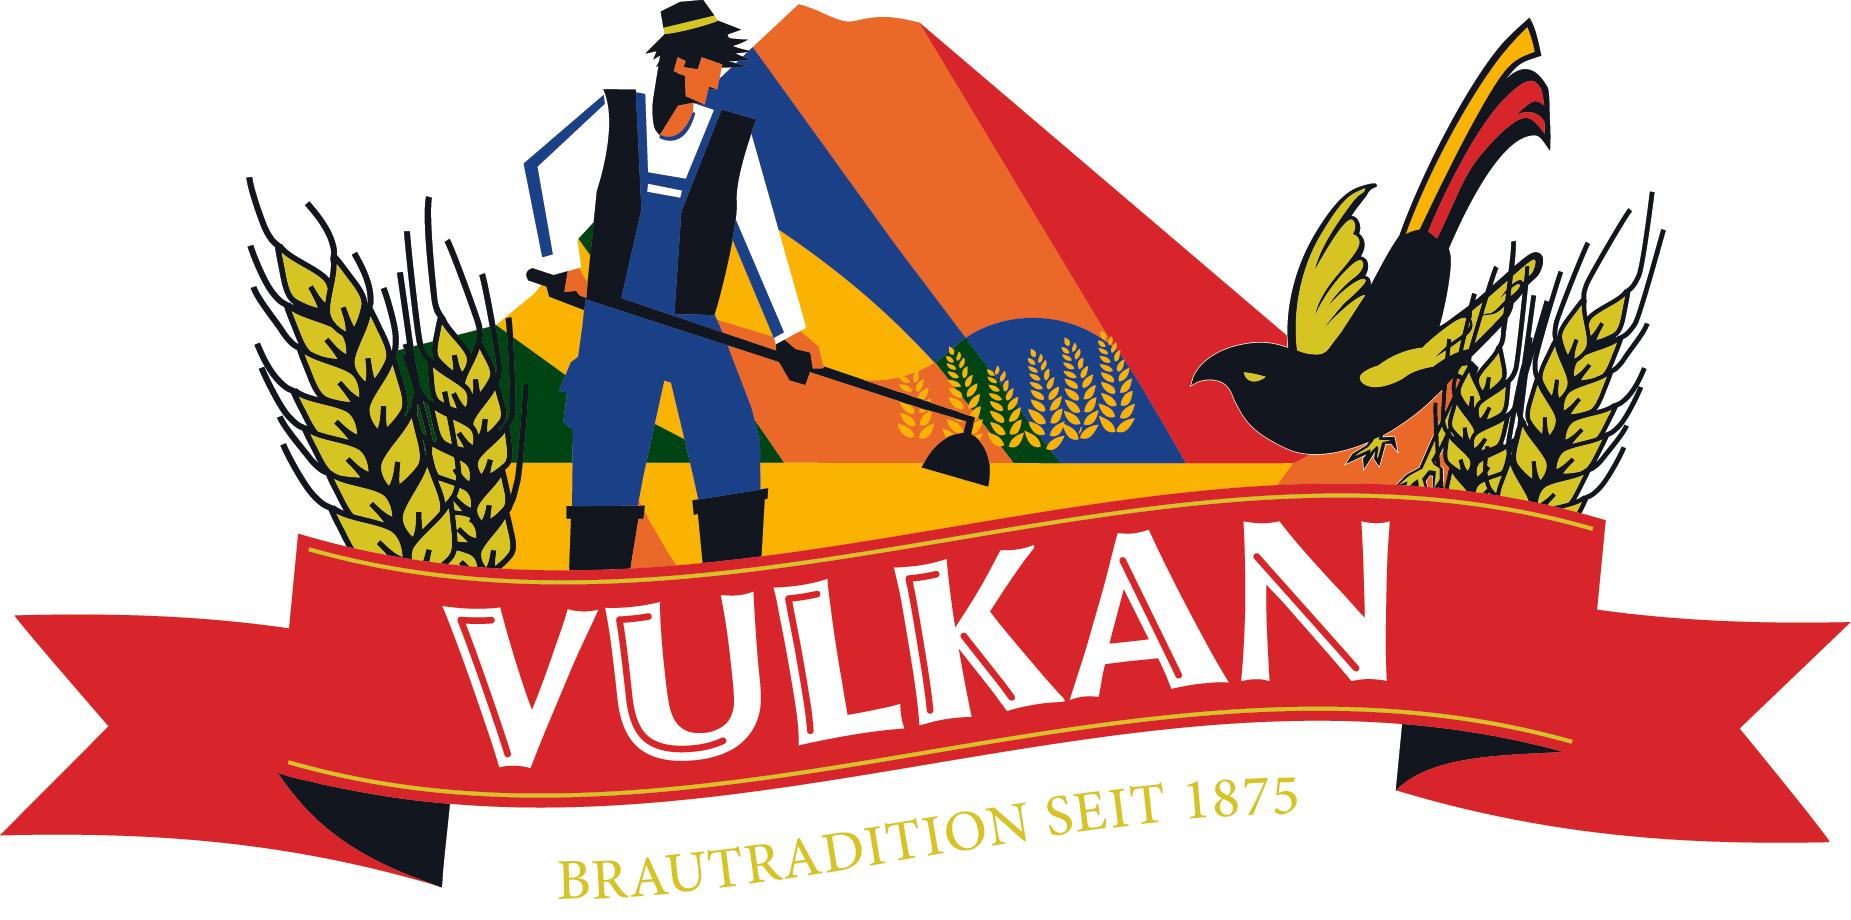 Vulkan Brauerei Logo.png